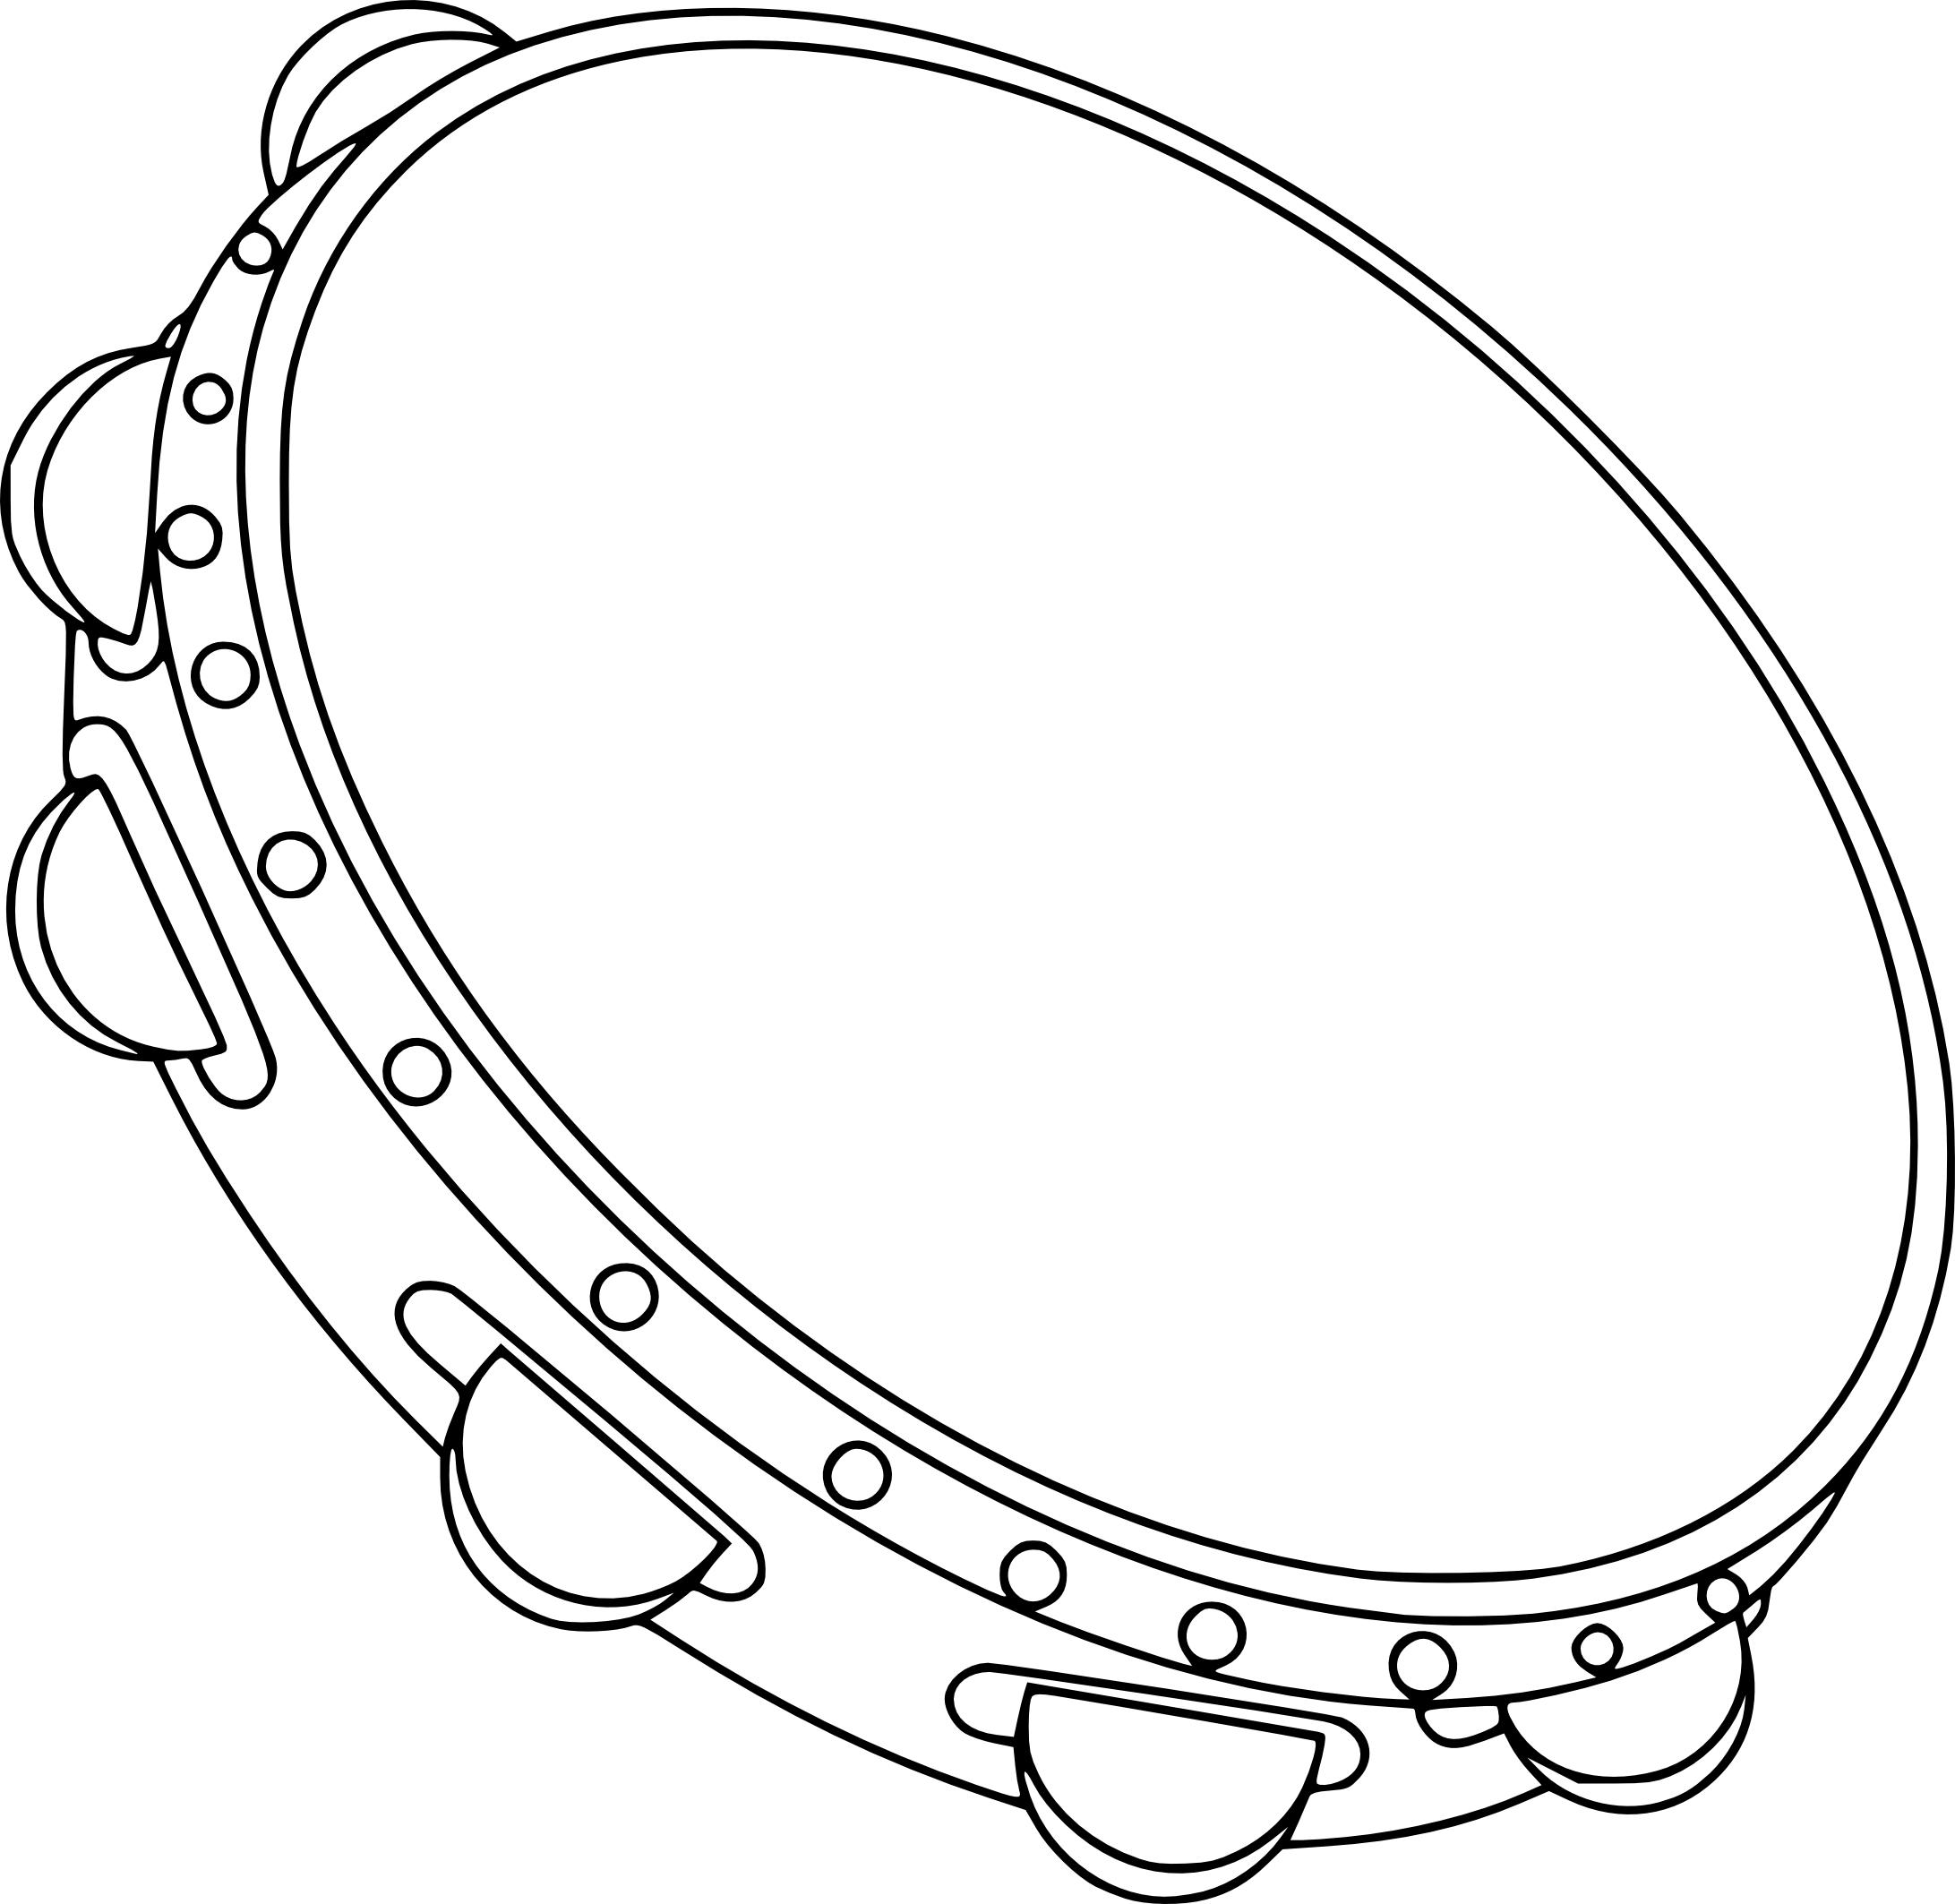 Coloriage tambourin imprimer - Image instrument de musique a colorier ...